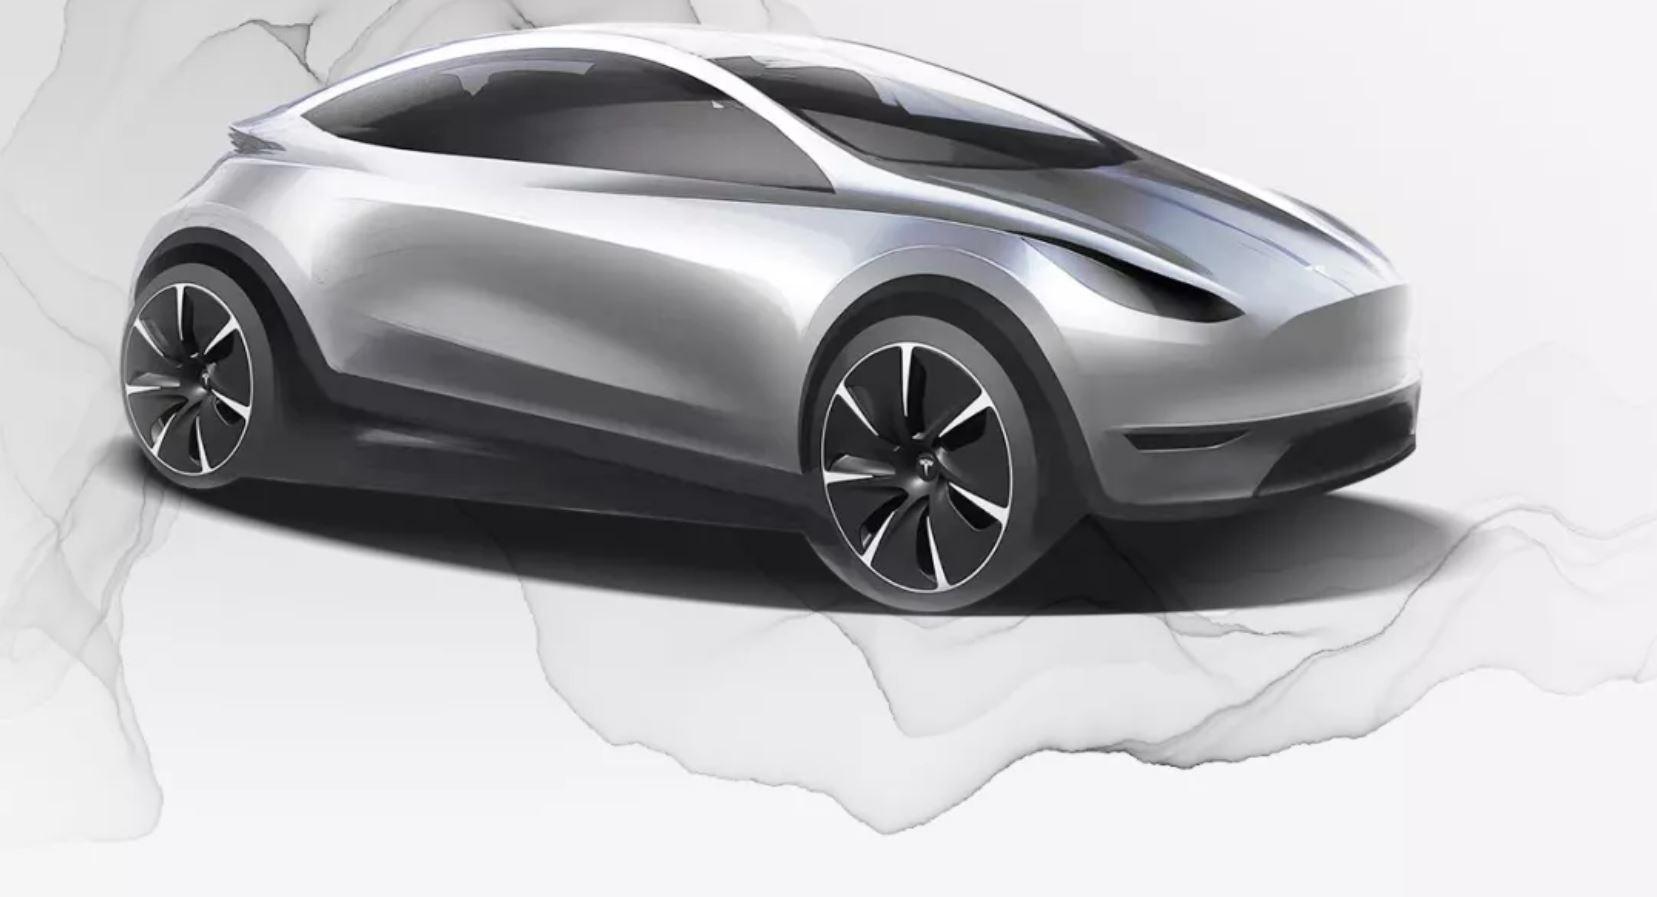 Появился первый эскиз будущей новинки фирмы Tesla Motors. Вероятно, электромобиль будут выпускать в Китае для разных рынков. Судя по изображению, это компактный хэтчбек, который окажется самой доступной моделью марки.